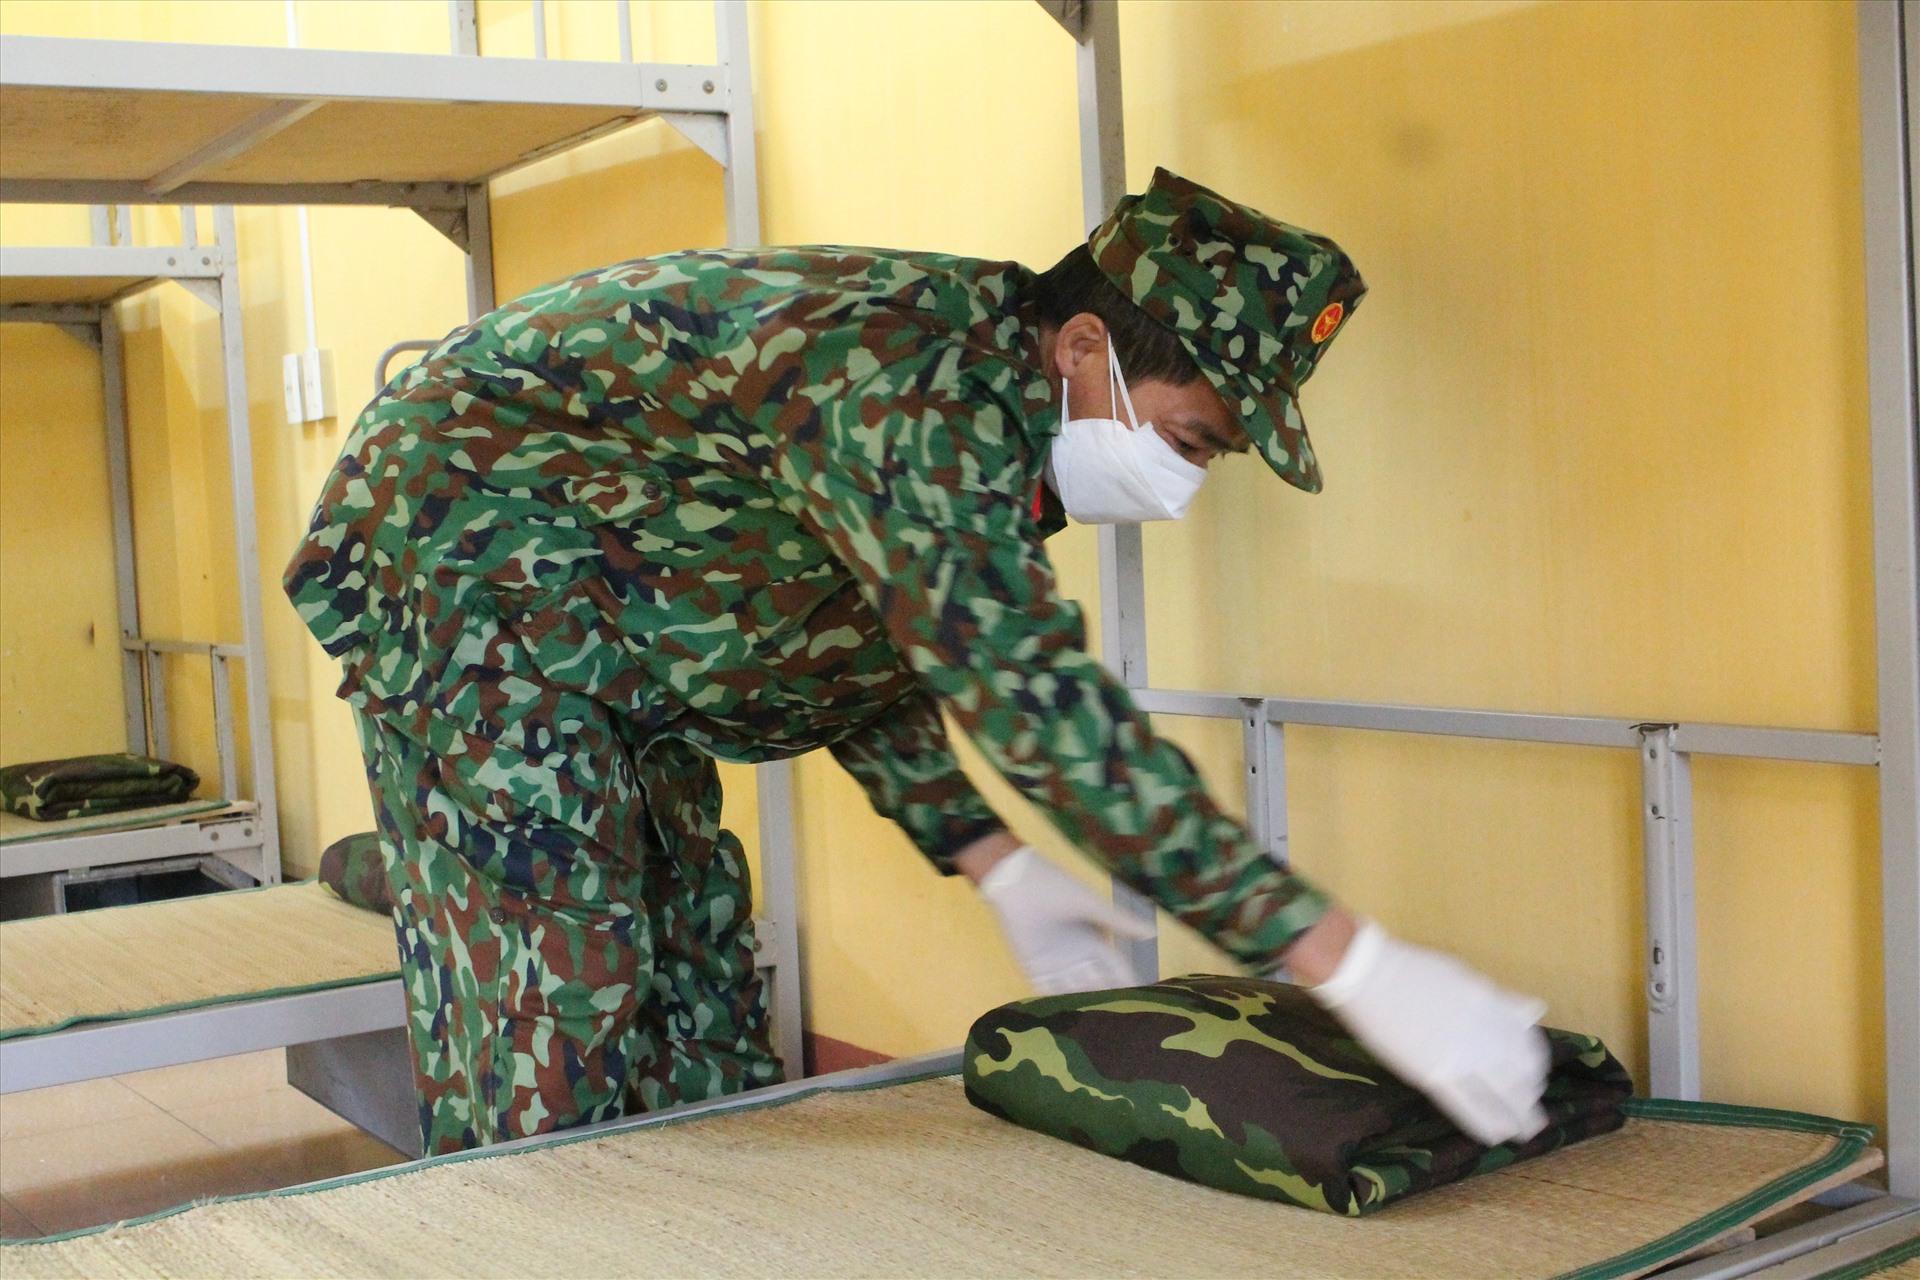 Lực lượng quân đội kiểm tra vệ sinh, đồ đạc cần thiết đón người dân về khu cách ly tập trung. Ảnh Mai Dung